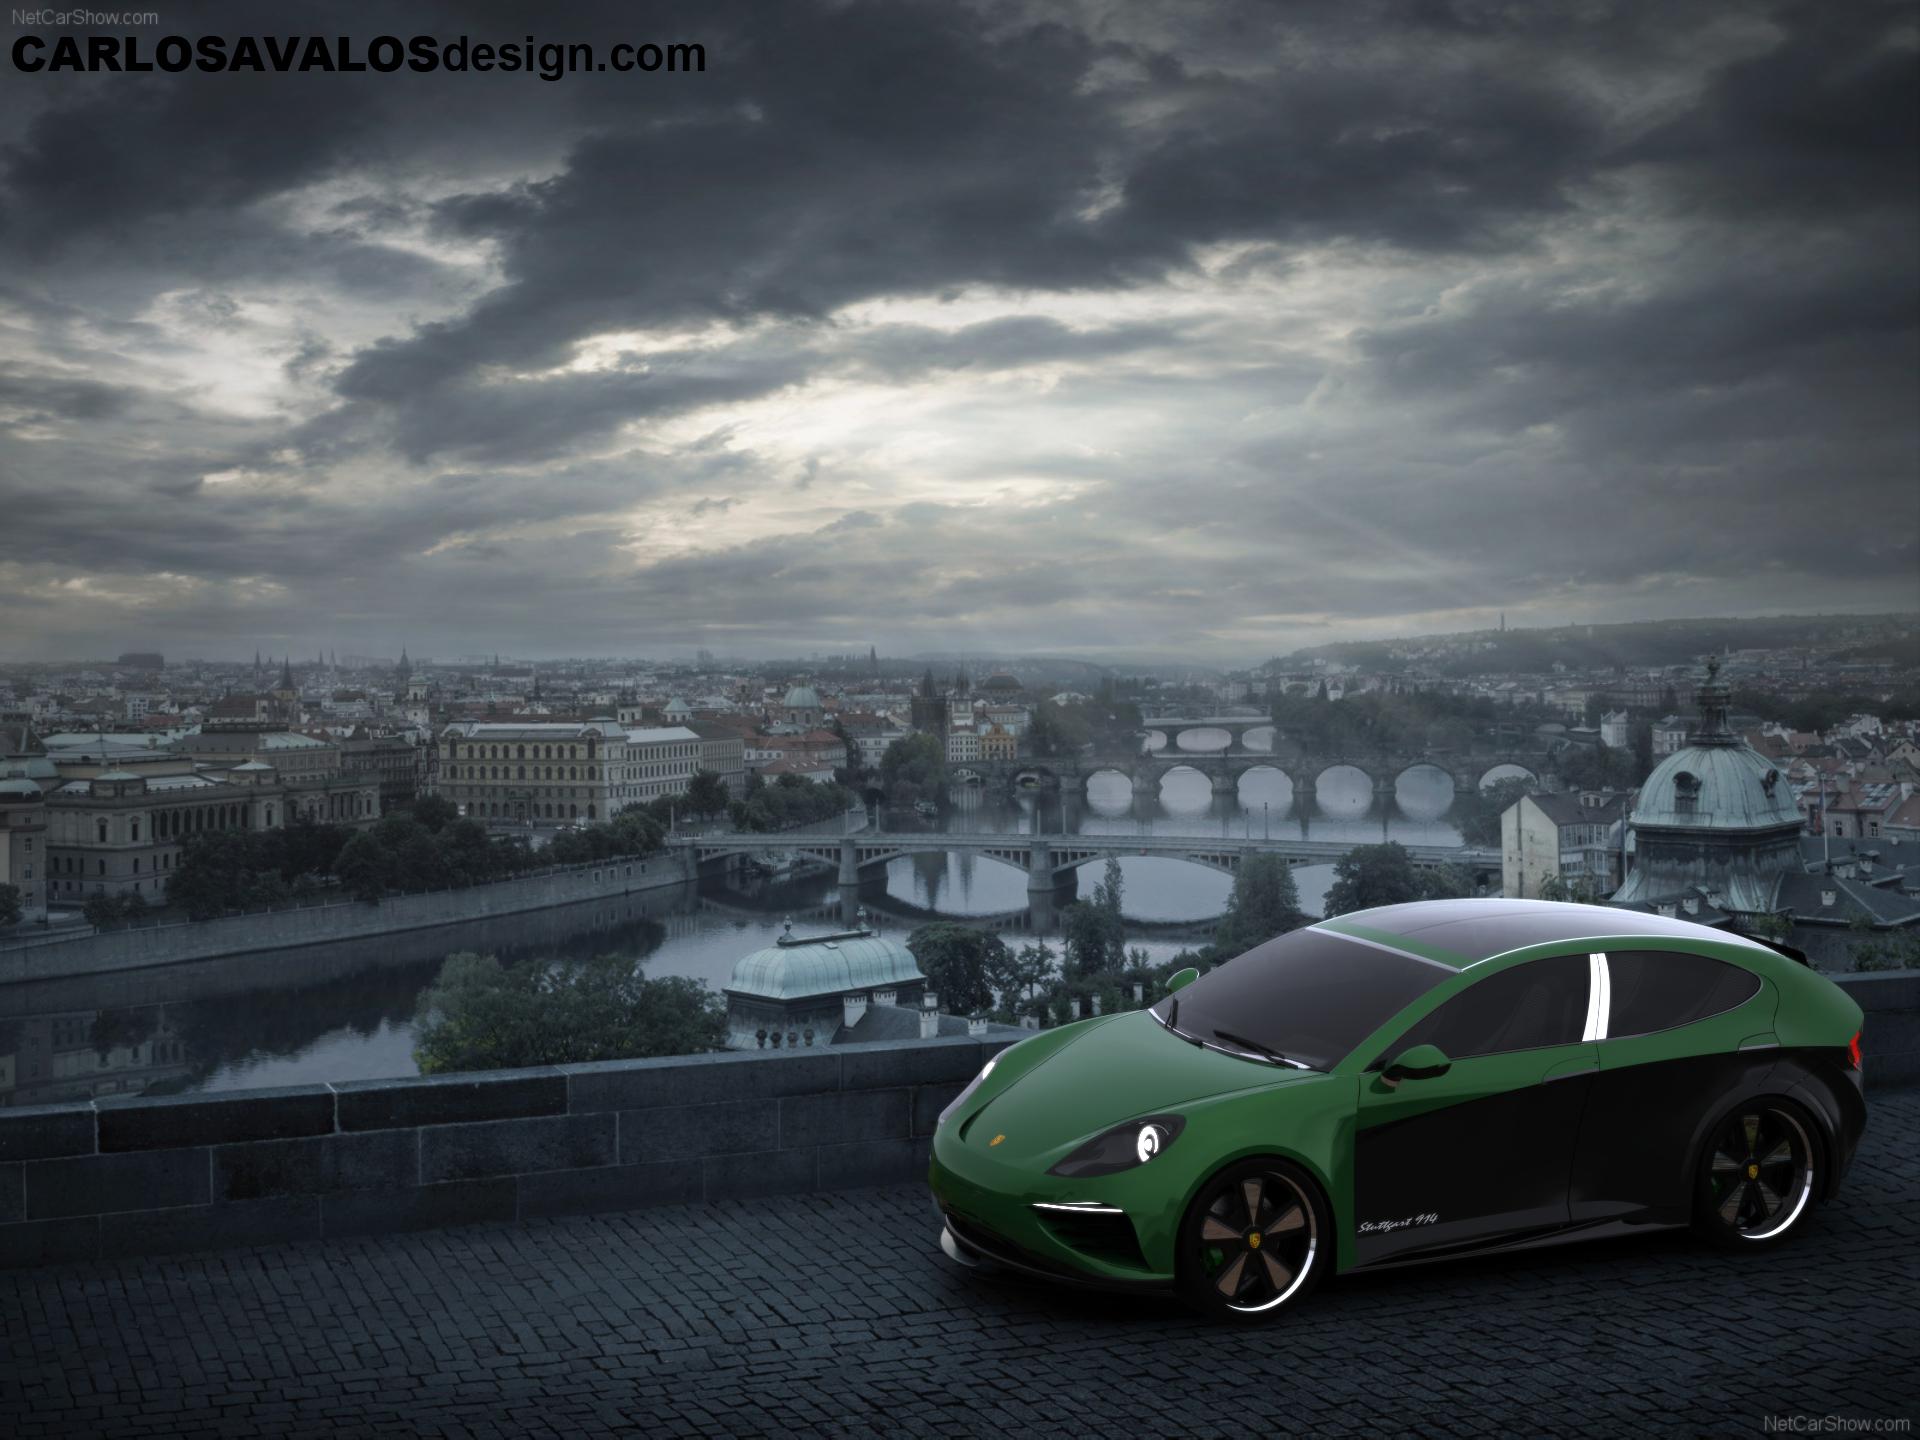 Objetivo: ser diseñador de coches. - ForoCoches